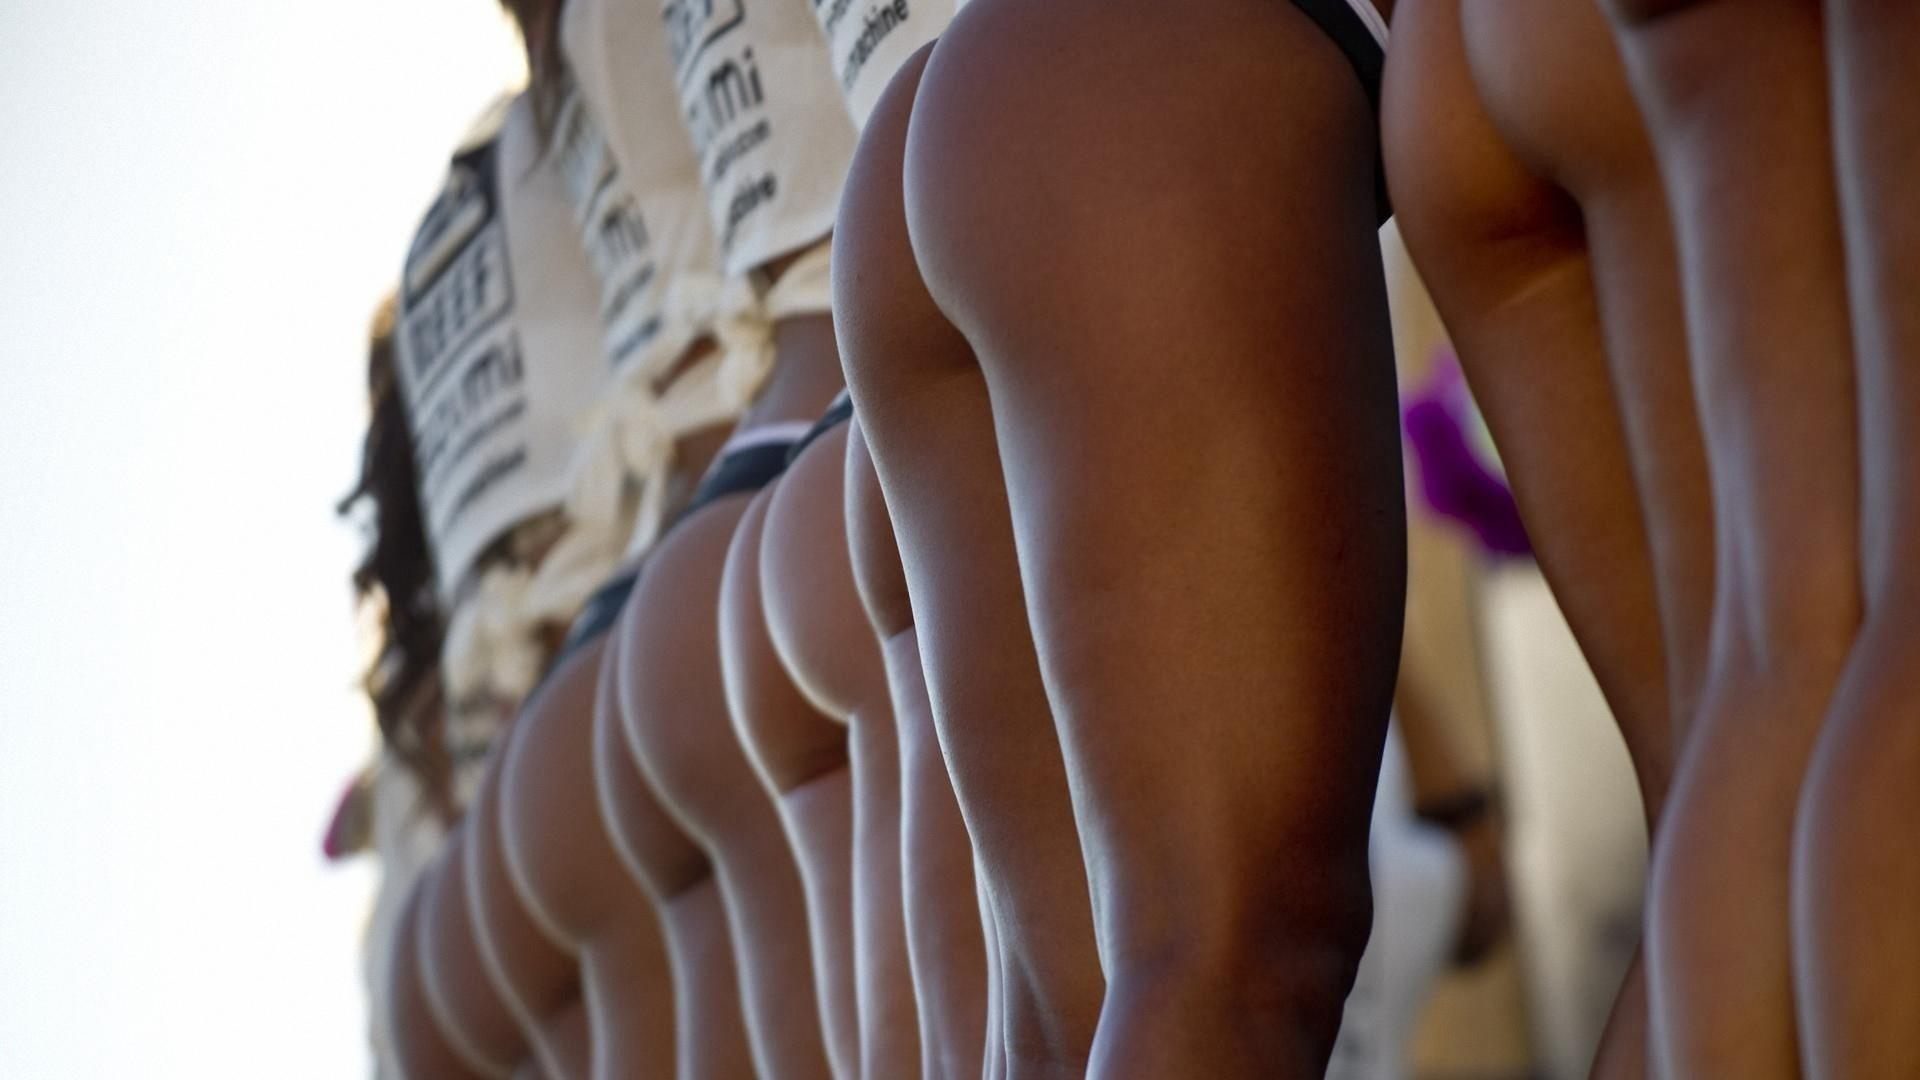 девушки, модели, позируют, в белье, попки, teef, конкурс